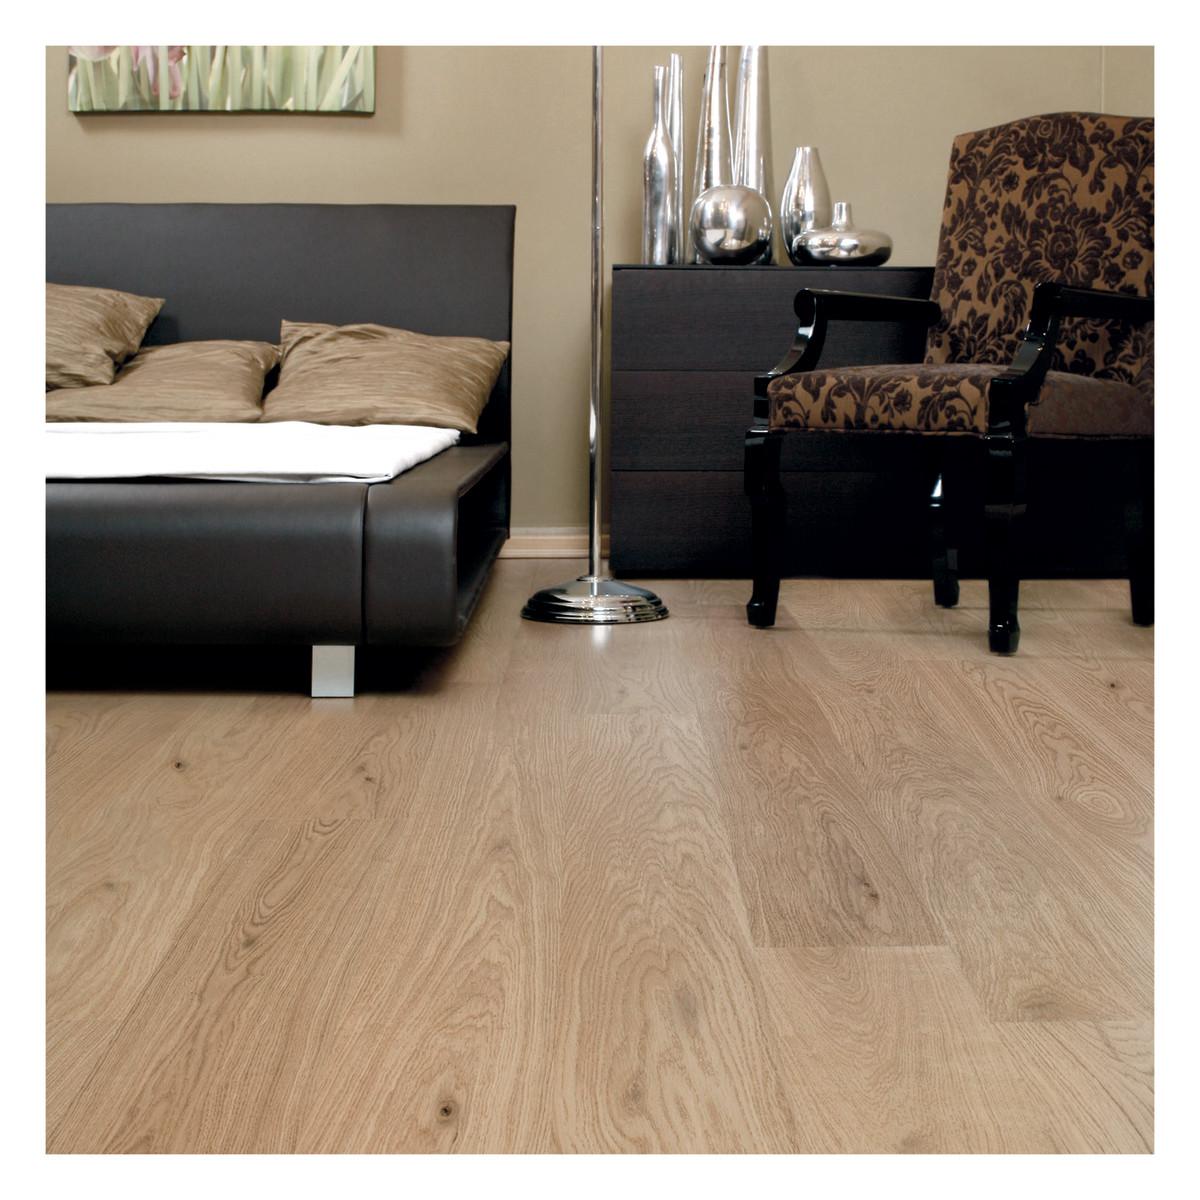 Piastrelle tipo parquet leroy merlin - Tipi di legno per mobili ...